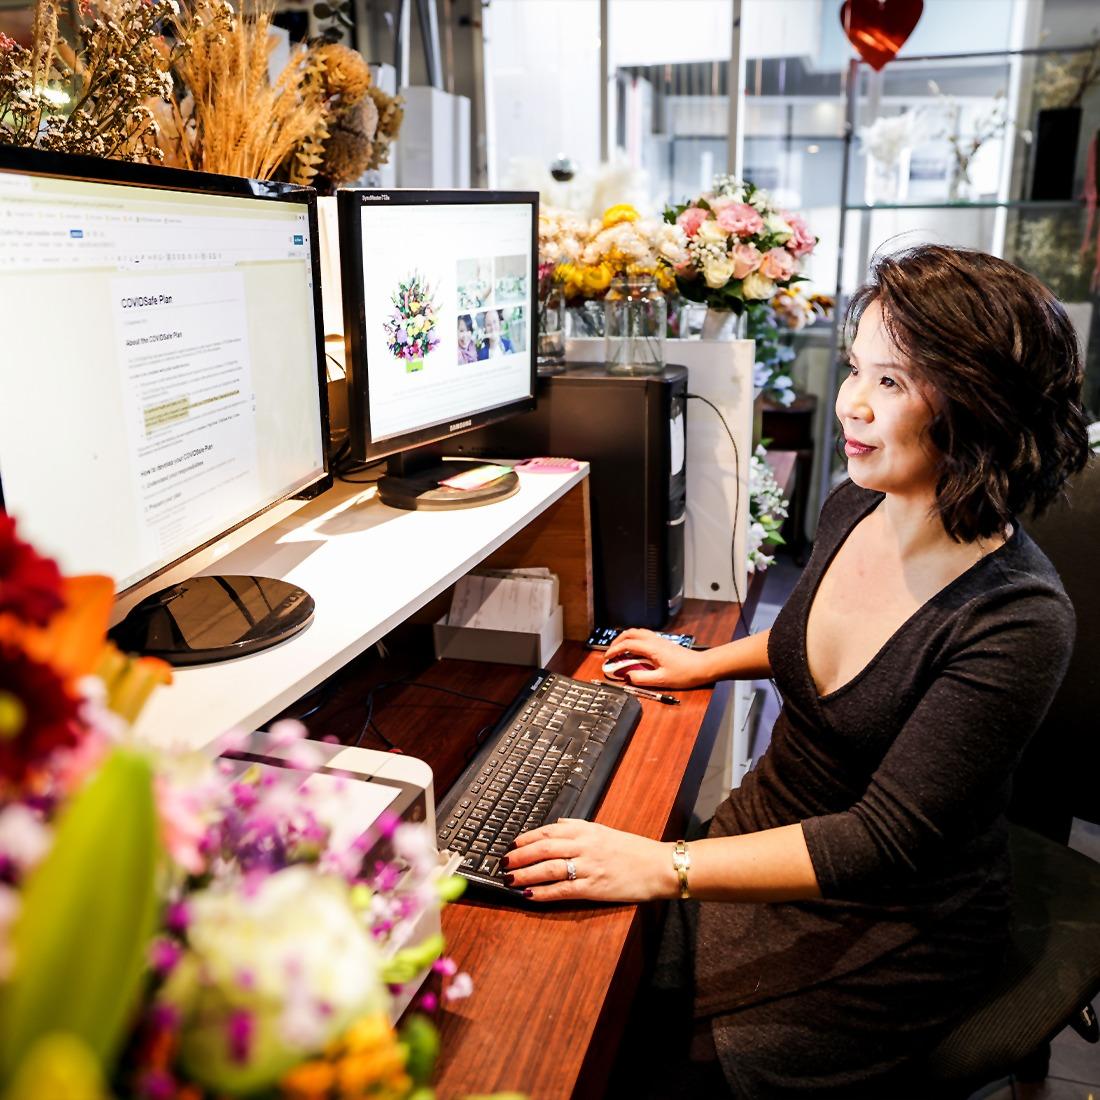 Kellee from Kellee flowers in her flower shop using her computer